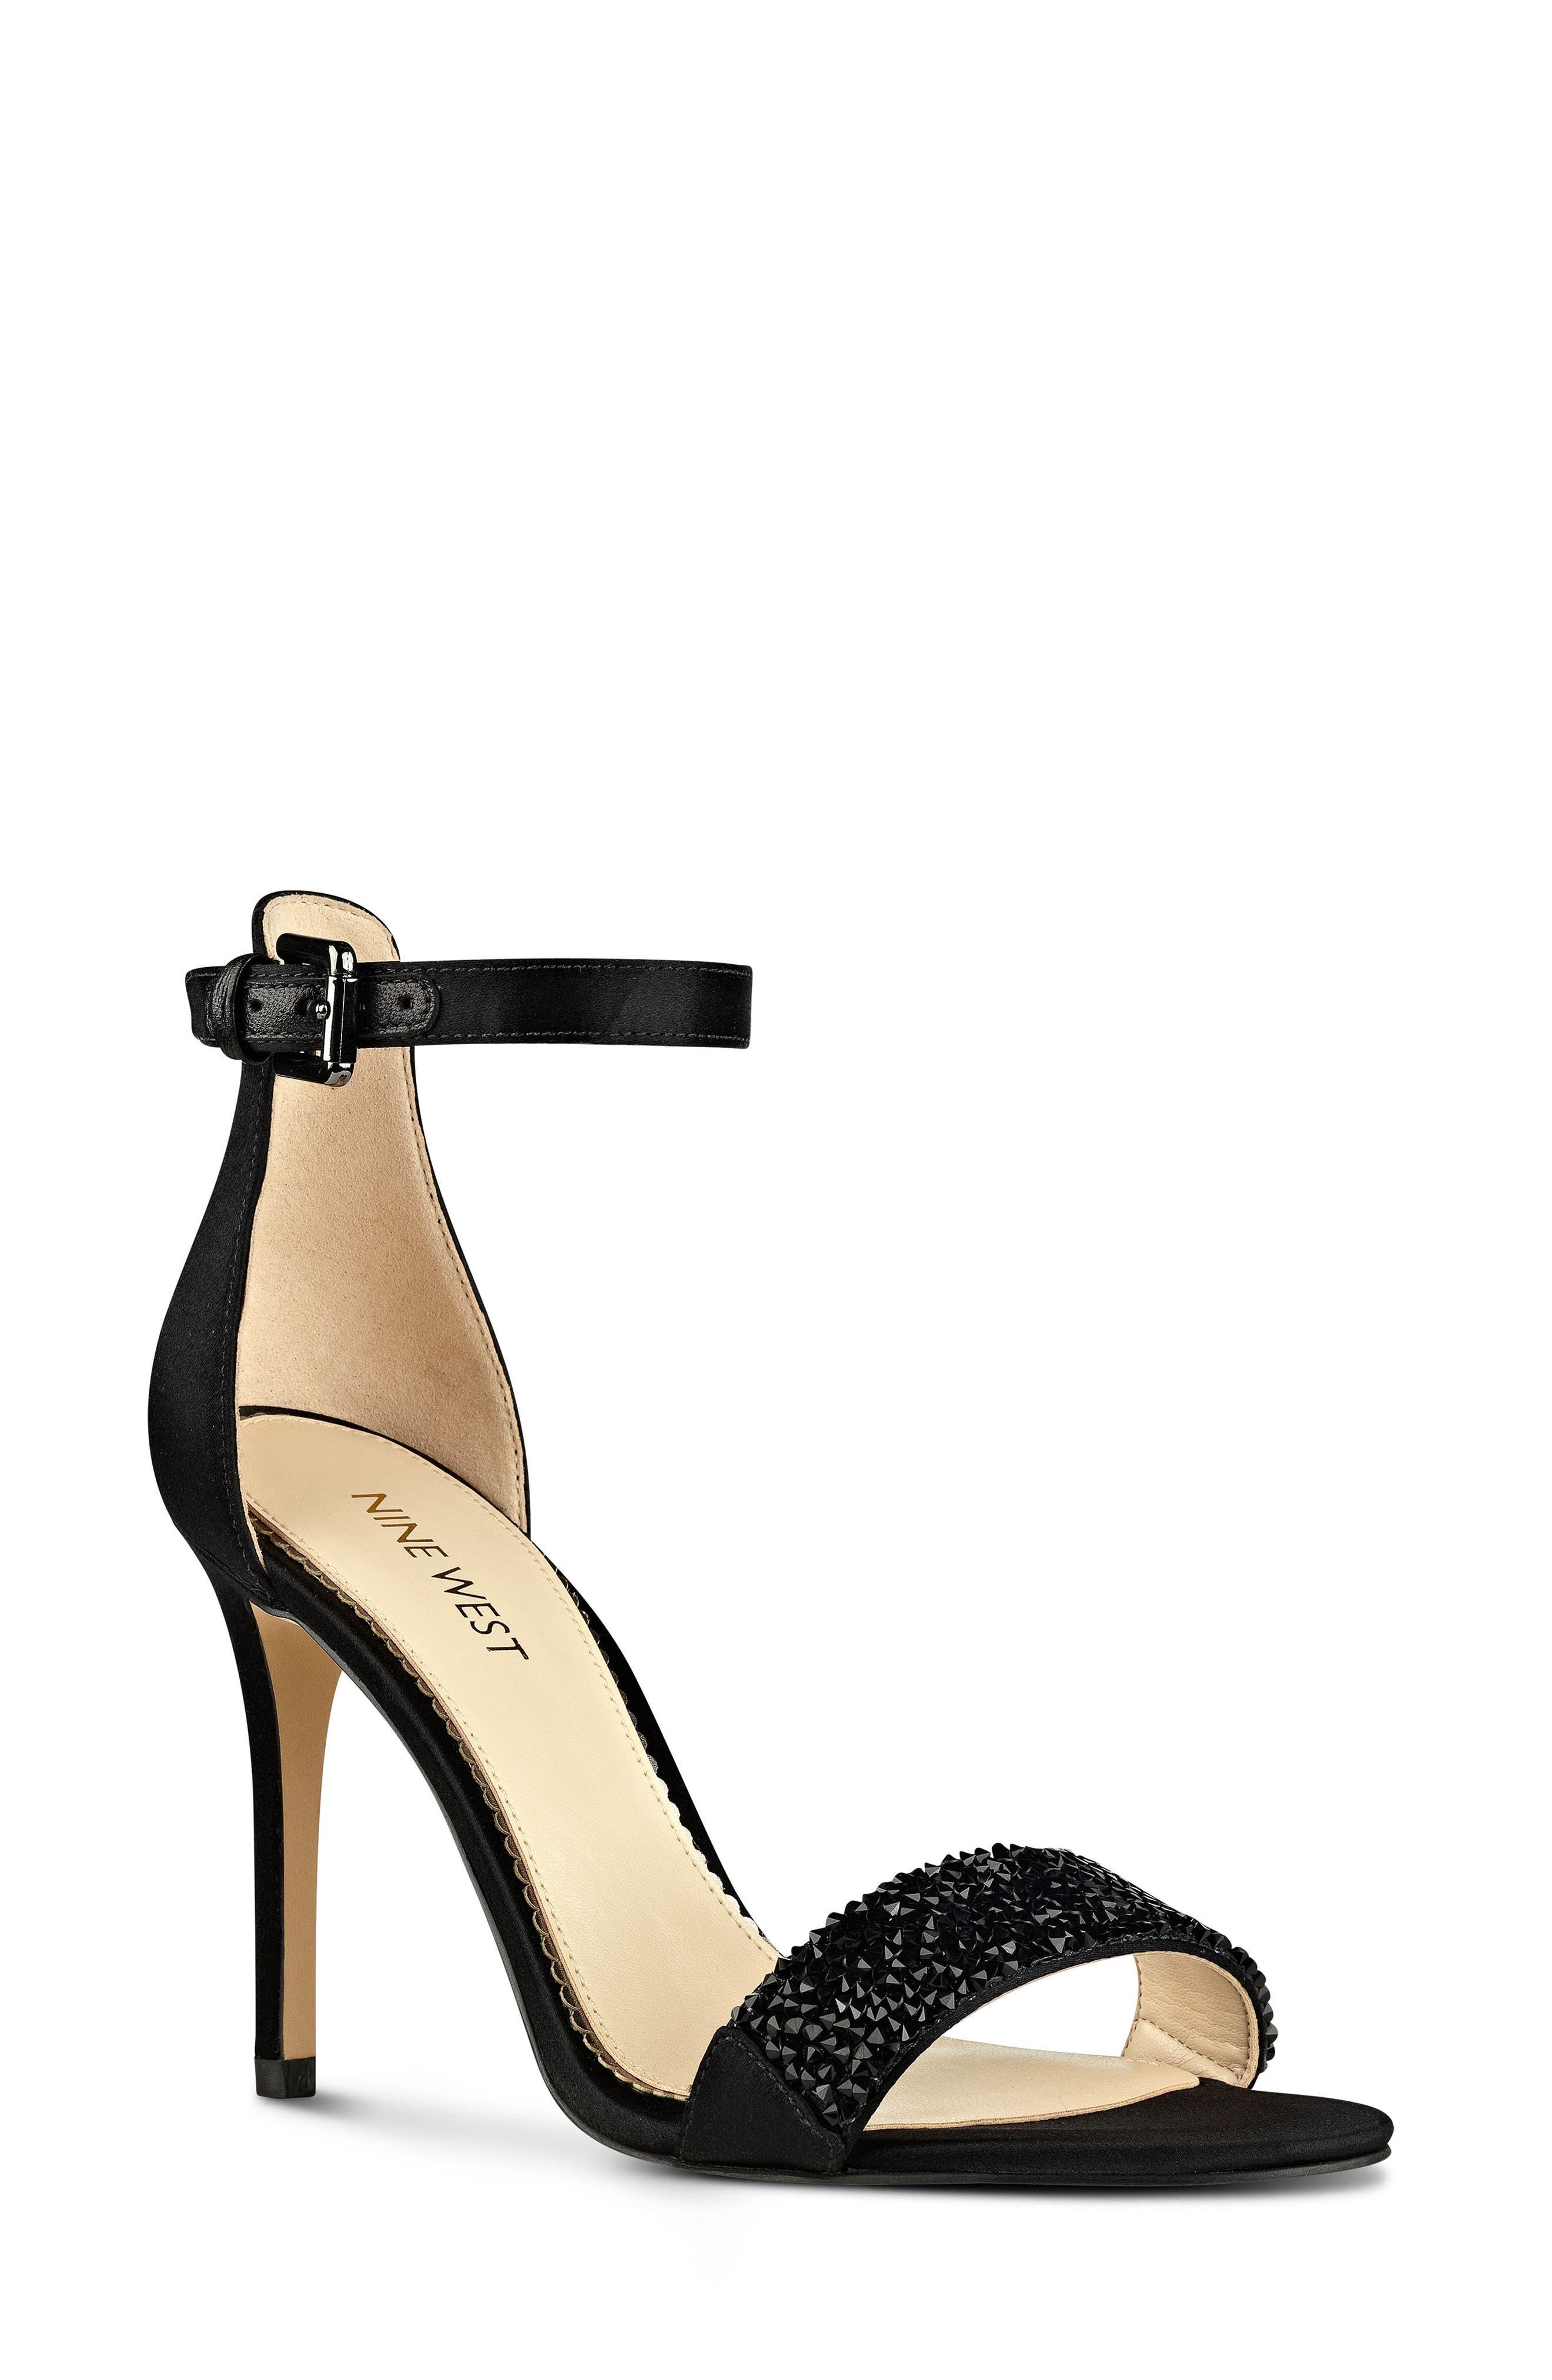 'Mana' Ankle Strap Sandal,                             Main thumbnail 1, color,                             Black Satin